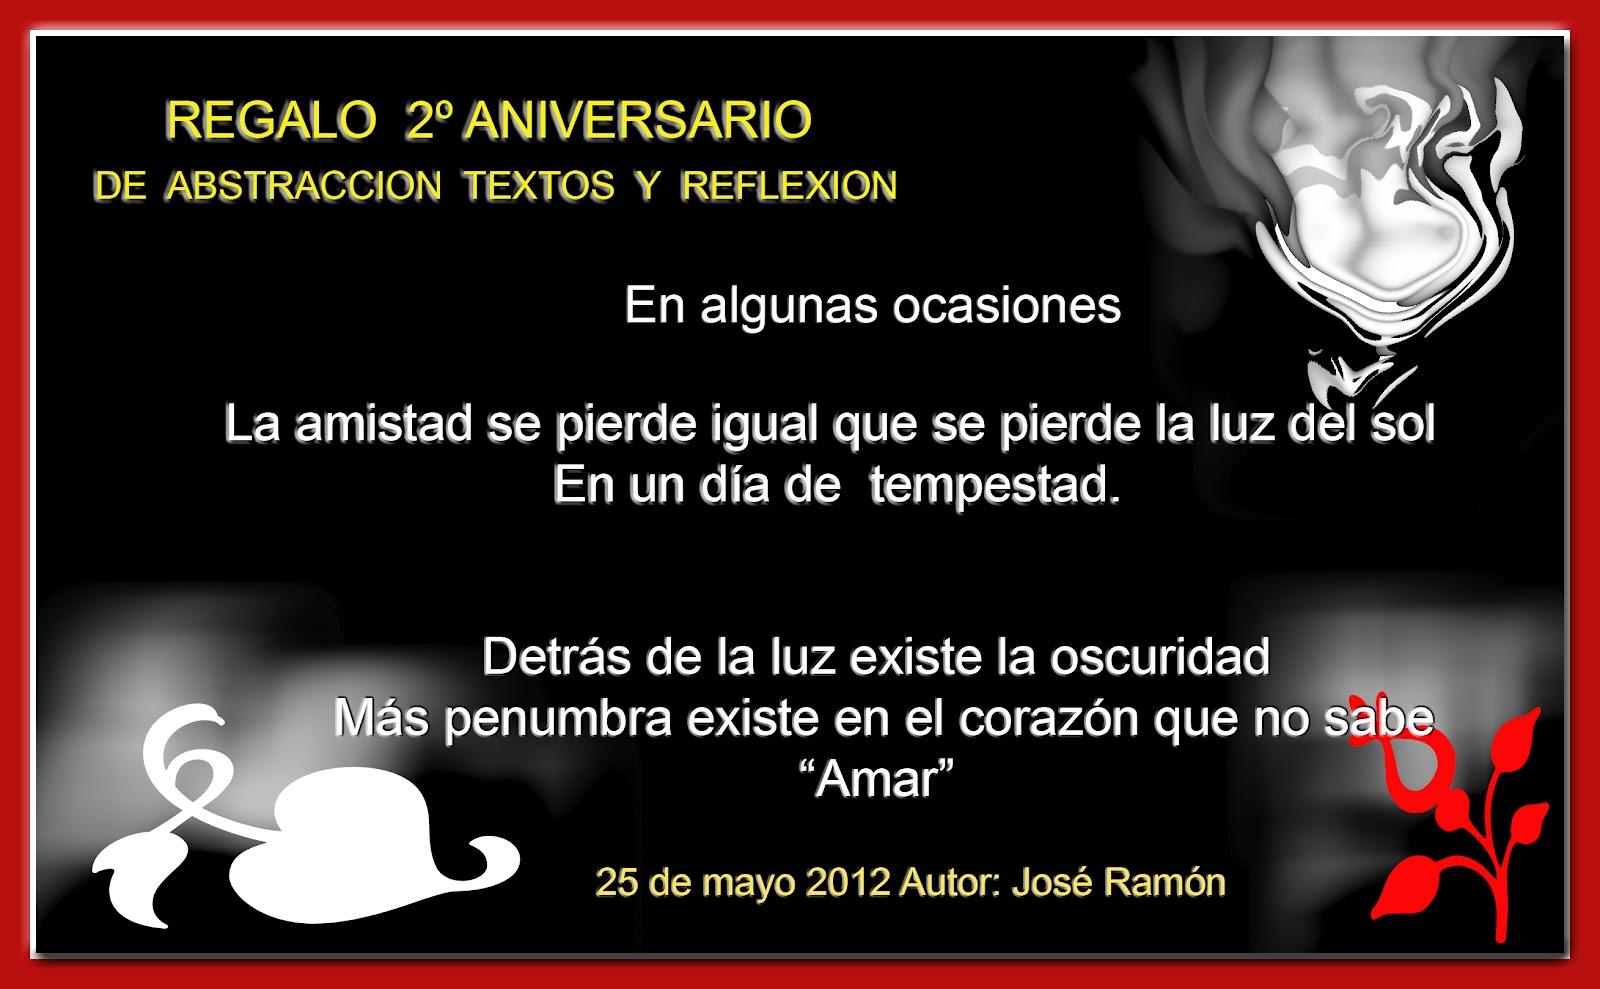 Aniversario De Texto: Abstracción Textos Y Reflexión: ANIVERSARIO DE ABSTRACCION